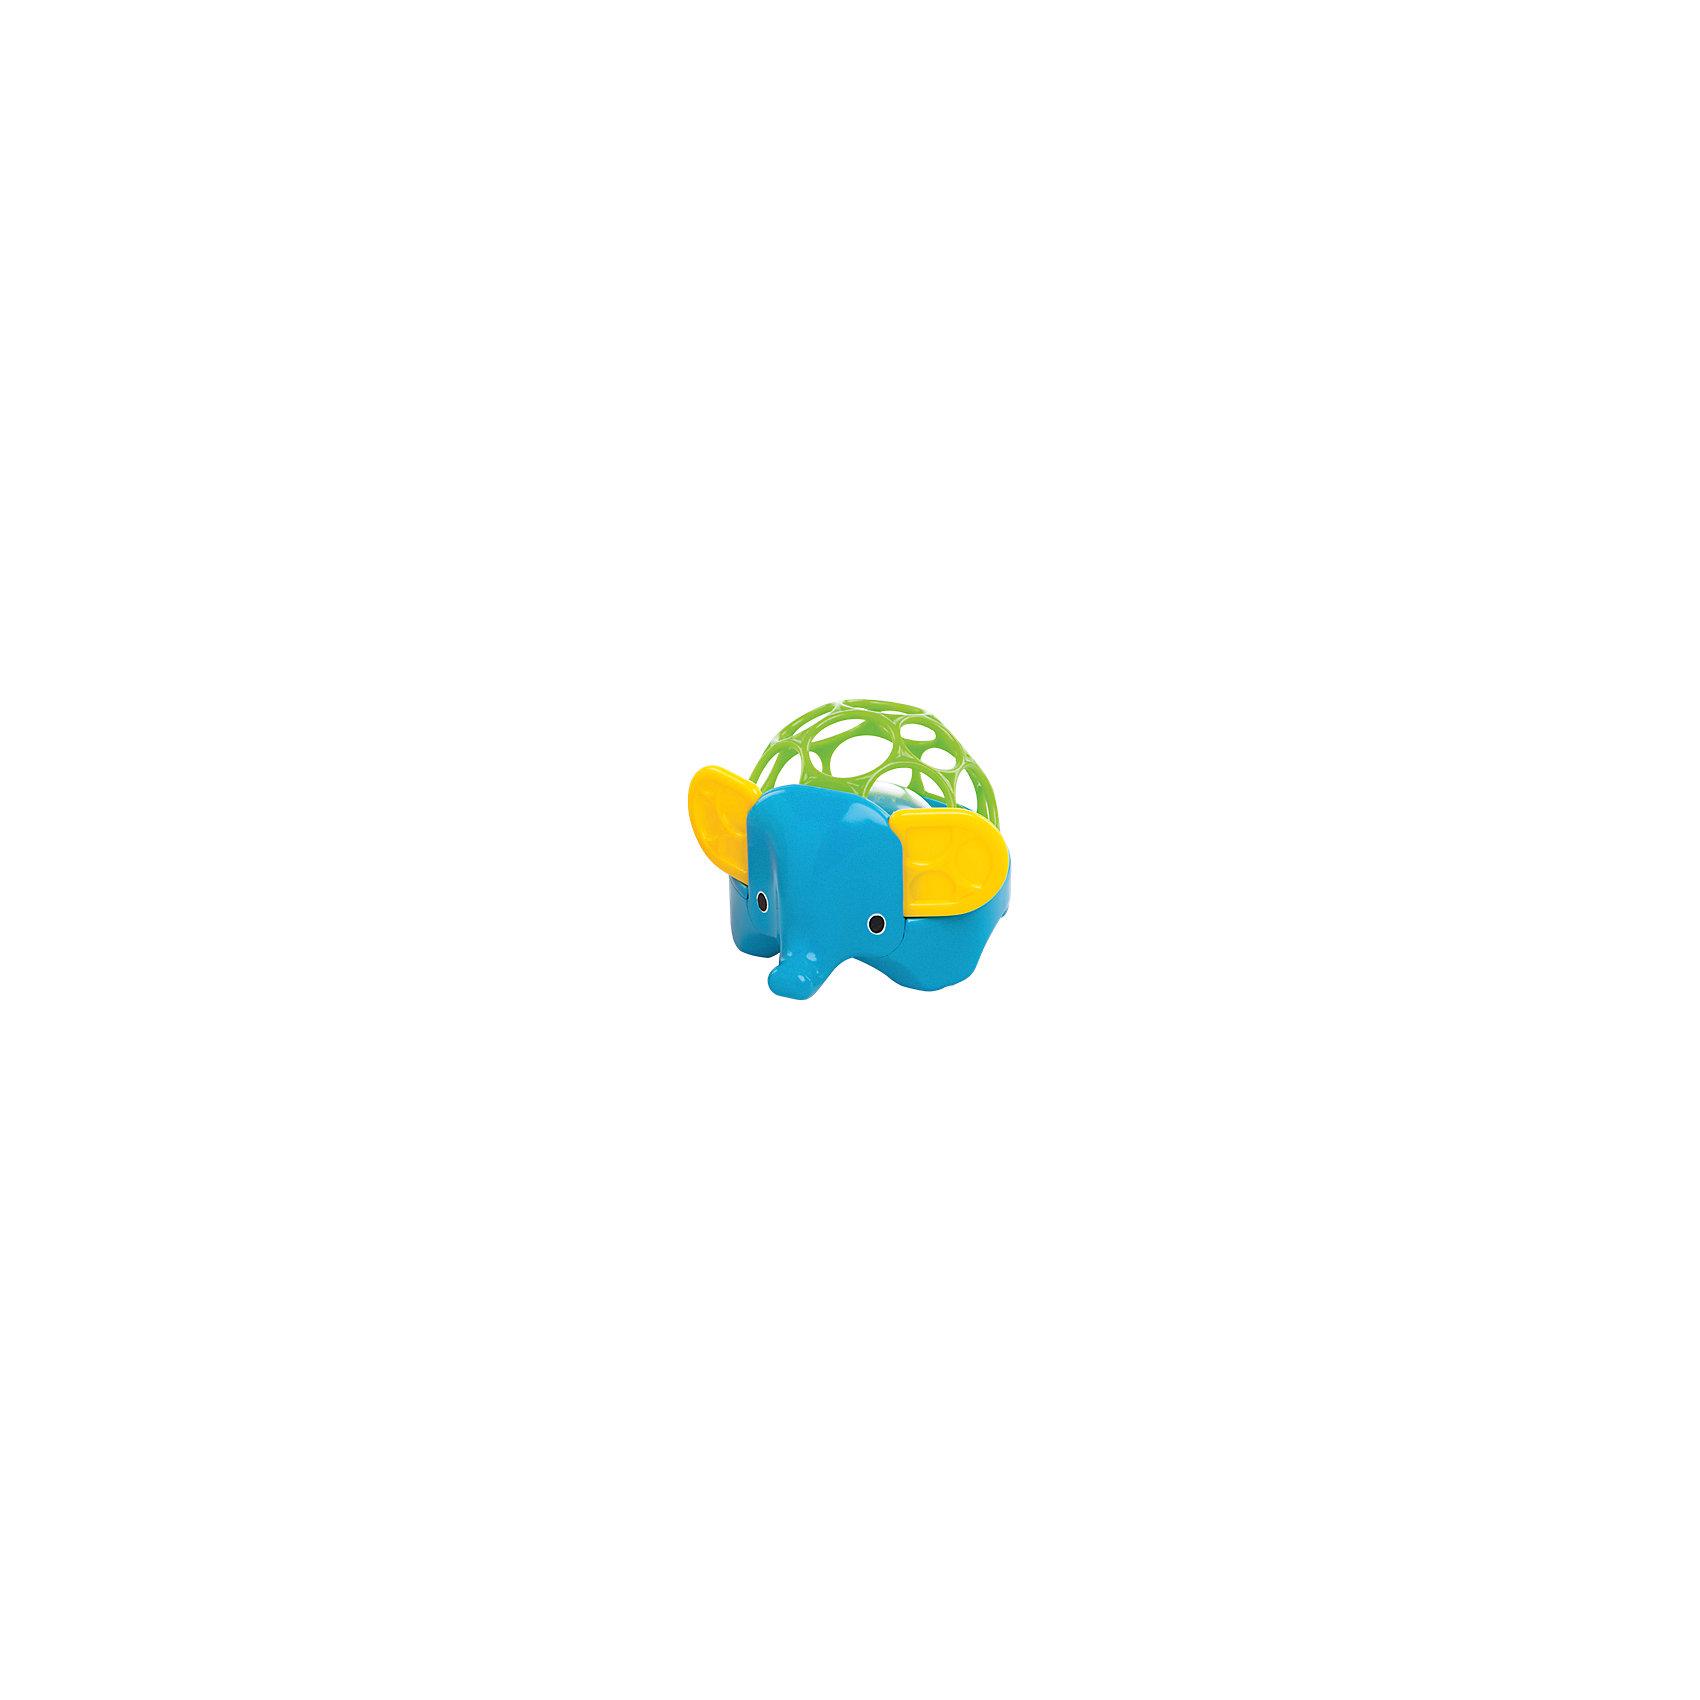 Погремушка Зоопарк. Слон, OballПогремушки<br>Погремушка «Зоопарк. Слон» от знаменитого американского бренда Oball (Обал). Яркая и веселая игрушка изготовлена из высококачественного пластика и сделает игру малыша еще интереснее! Специальные колечки сделаны для того, чтобы игрушку можно было держать маленькими пальчиками, а маленькие разноцветные шарики в центре начнуть звенеть, если потрясти игрушку. Игрушка поможет развить звуковое, цветовое и тактильное восприятие ребенка. <br>- Дополнительная информация:<br>- Материал: пластик<br>- Размер 14 * 12 * 9 см.<br><br>Погремушку «Зоопарк. Слон» Oball можно купить в нашем интернет-магазине.<br><br>Подробнее:<br>• Для детей в возрасте: от 0 месяцев до 1 года<br>• Номер товара: 4918373<br>Страна производитель: Китай<br><br>Ширина мм: 98<br>Глубина мм: 87<br>Высота мм: 122<br>Вес г: 183<br>Возраст от месяцев: 0<br>Возраст до месяцев: 36<br>Пол: Унисекс<br>Возраст: Детский<br>SKU: 4918373